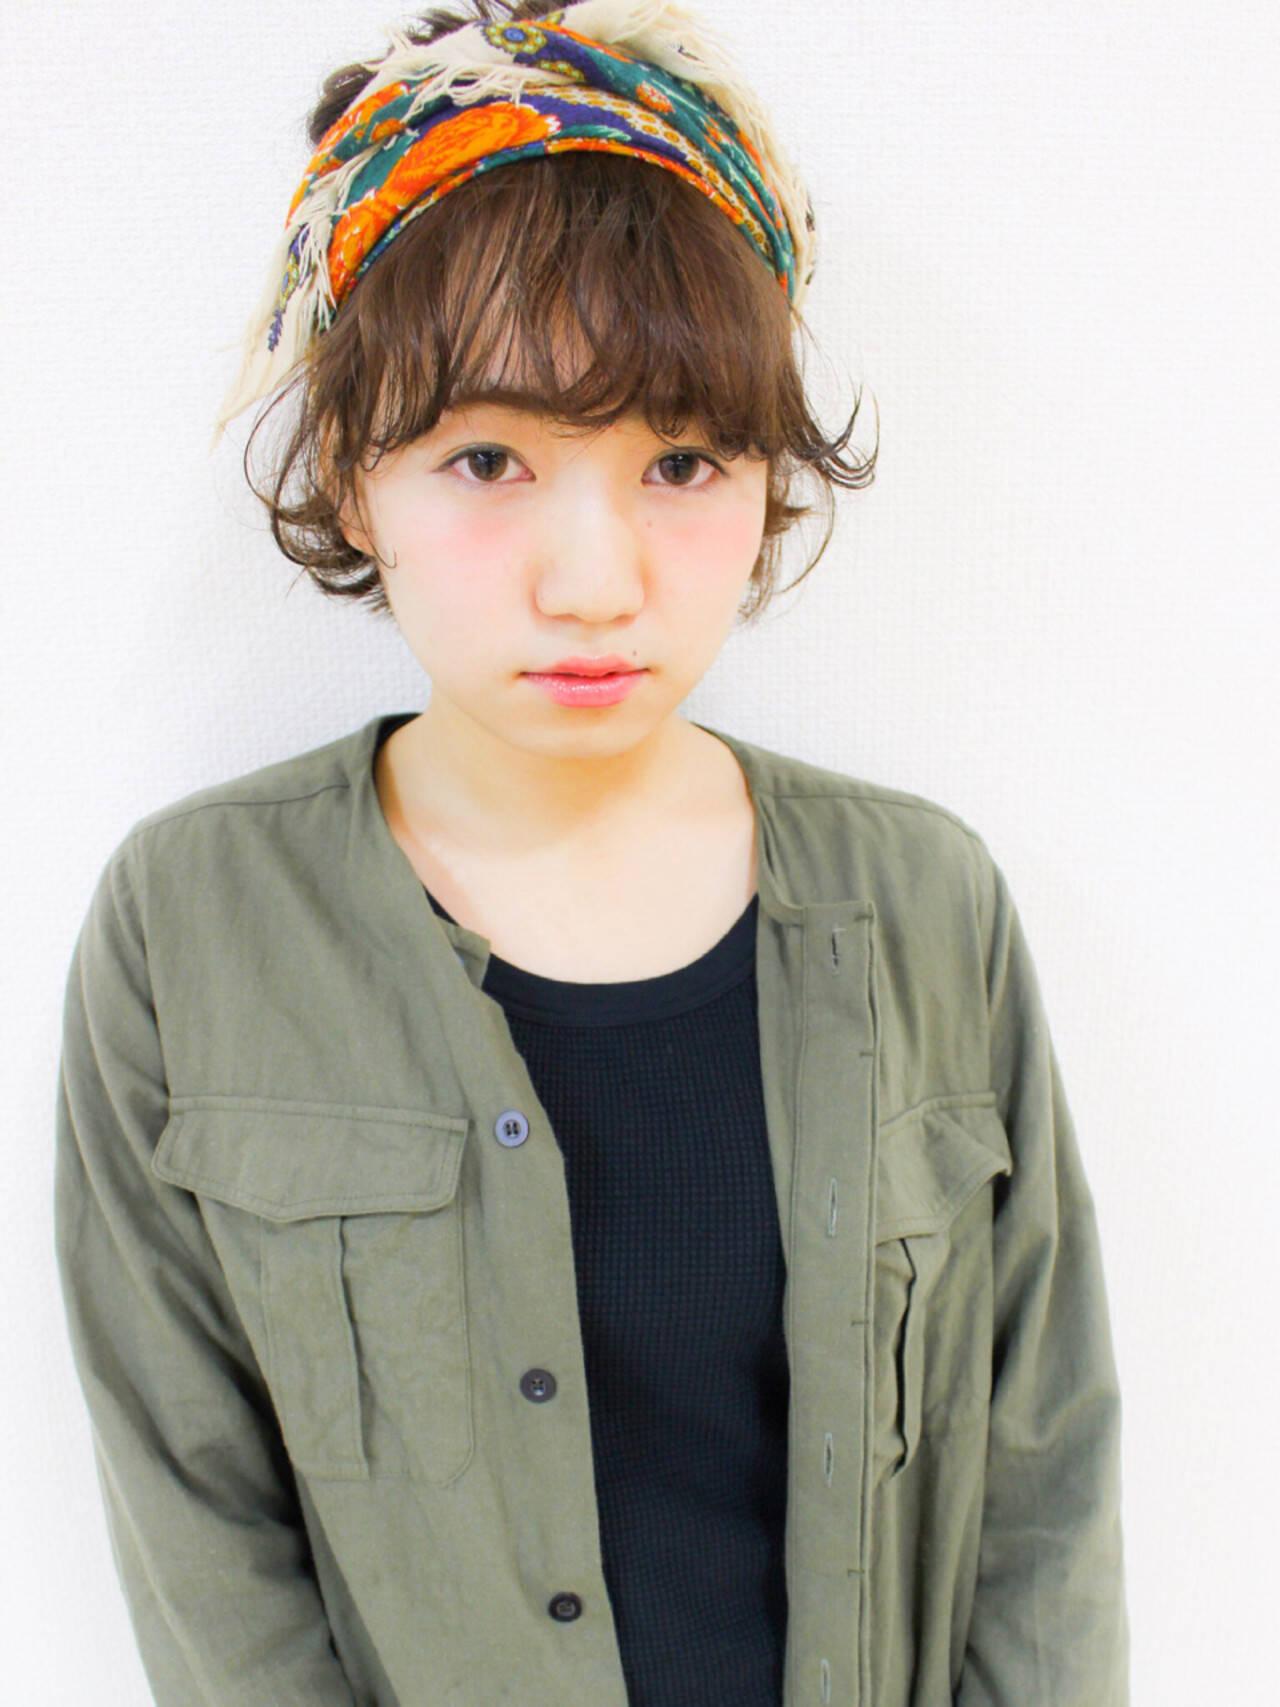 小顔 ガーリー ショート ヘアアクセヘアスタイルや髪型の写真・画像